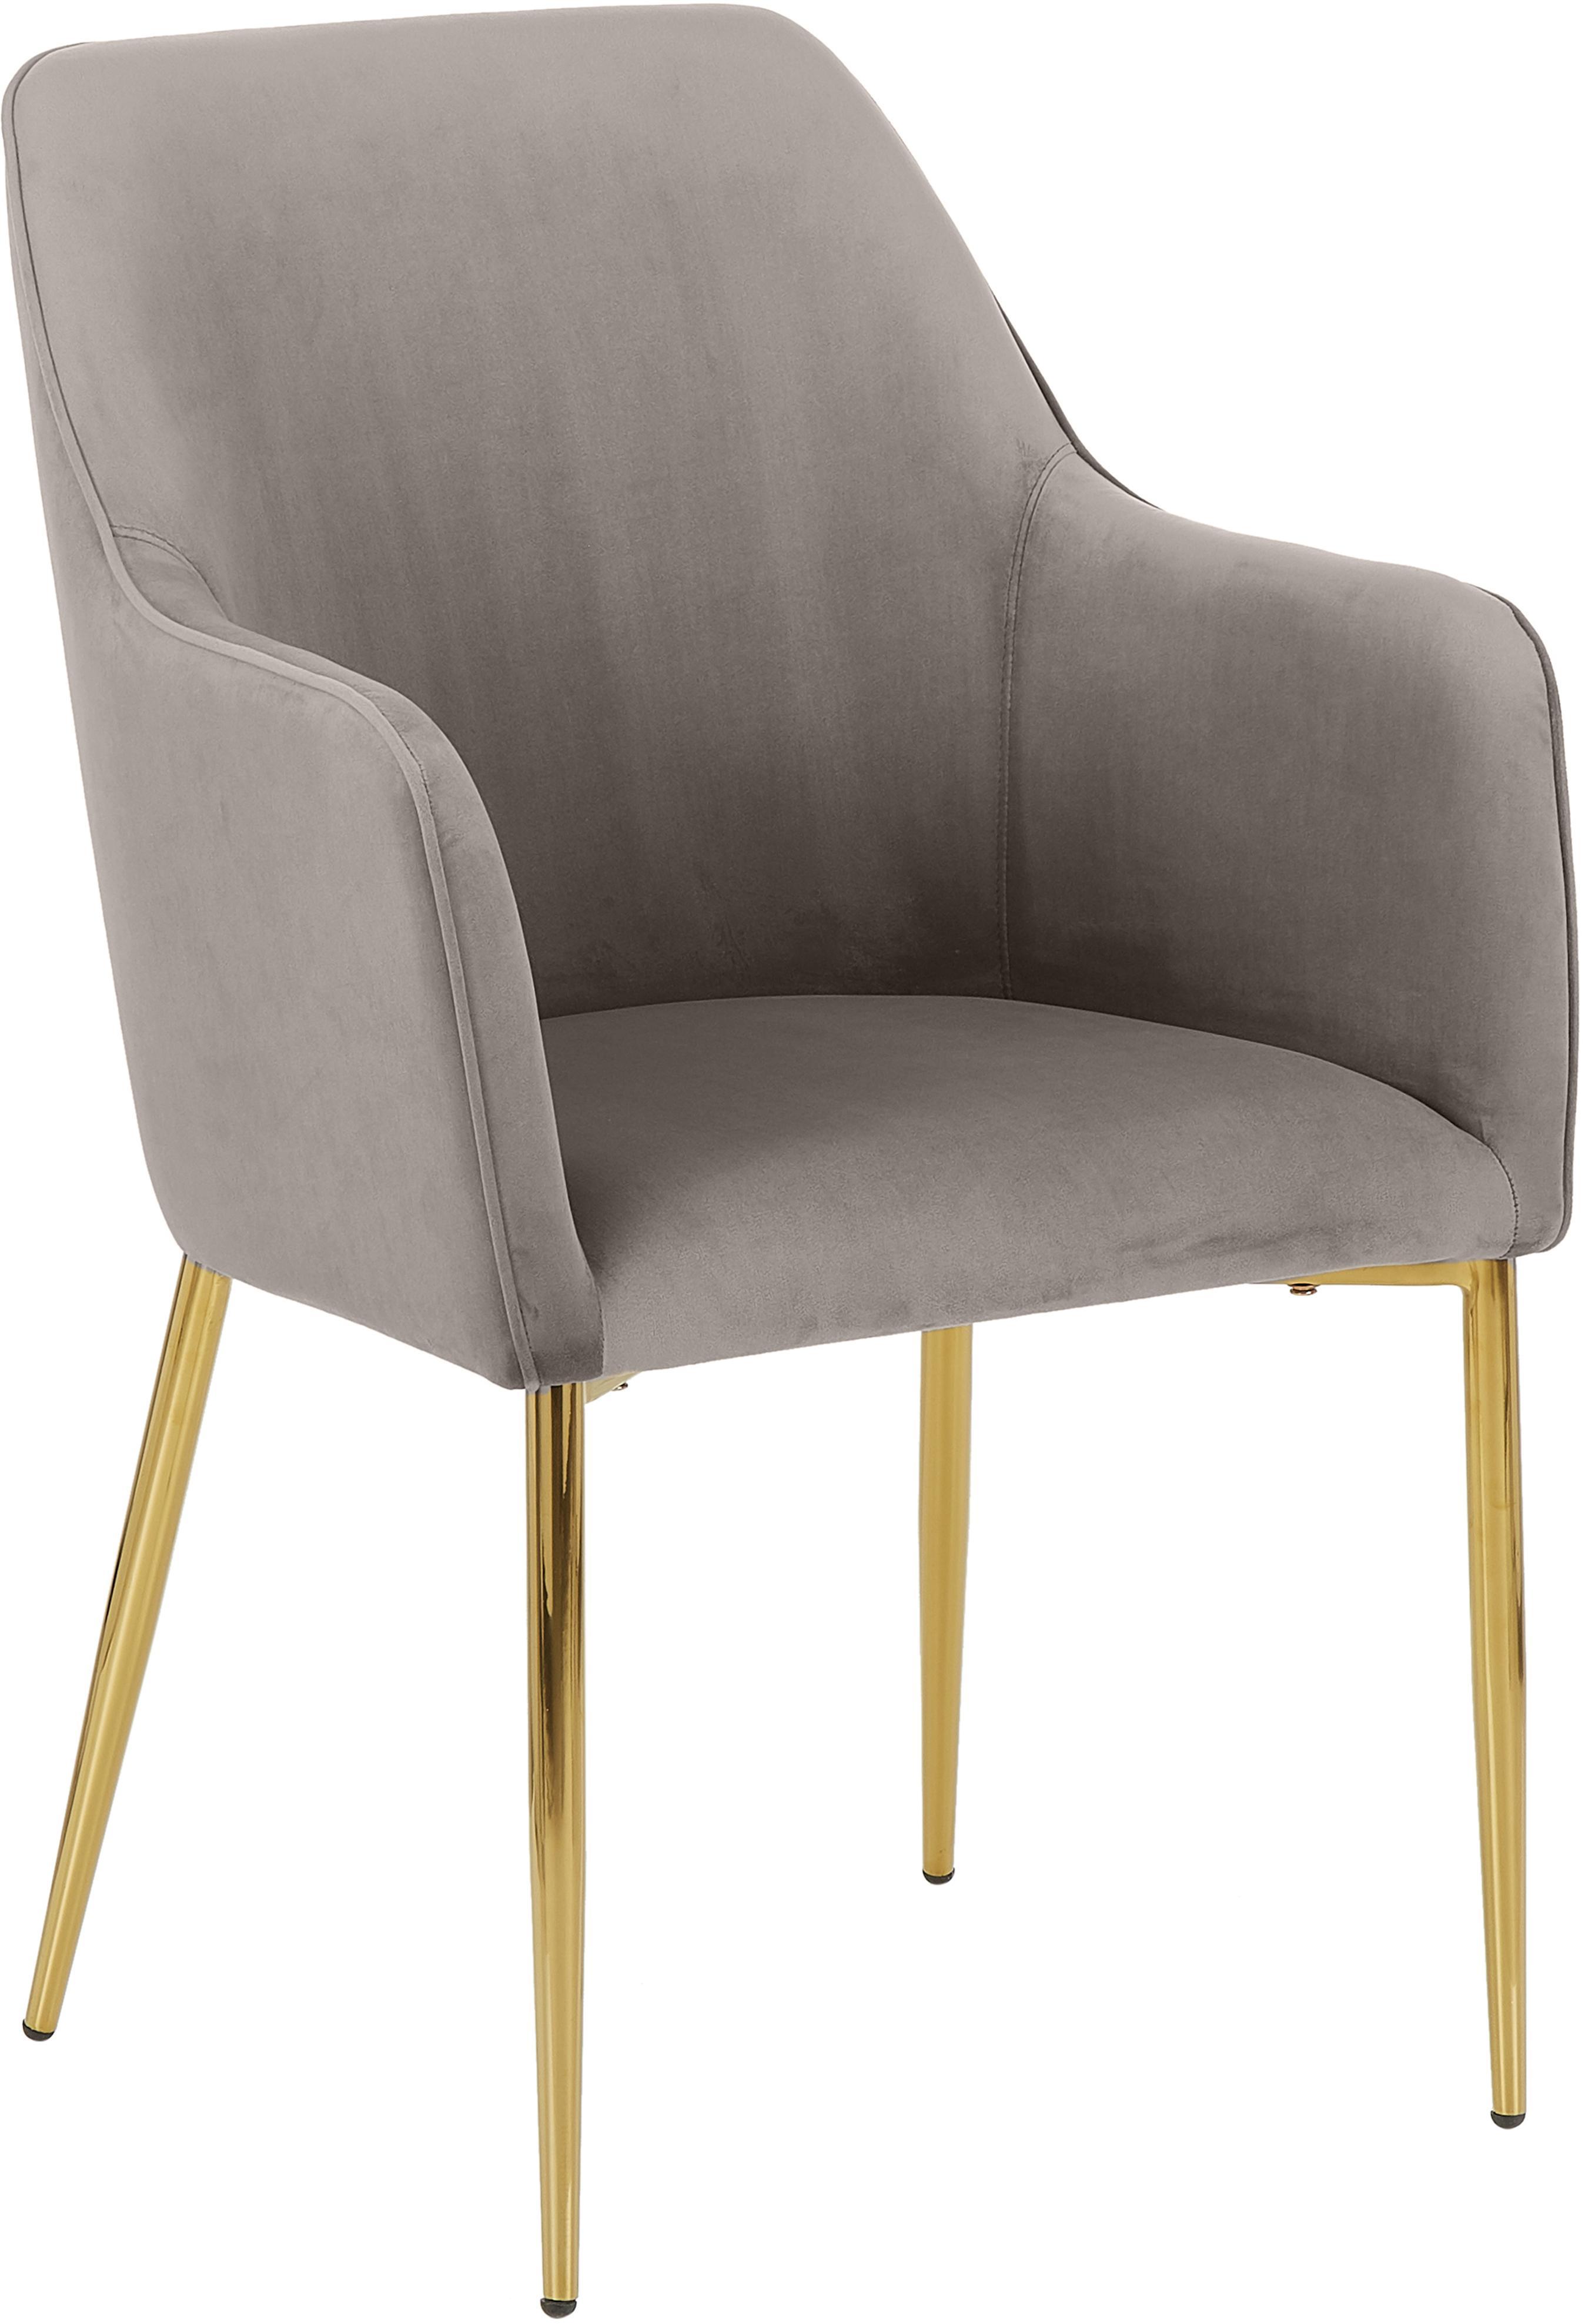 Sedia con braccioli  in velluto Ava, Rivestimento: velluto (poliestere) 50.0, Gambe: metallo, zincato, Velluto taupe, gambe oro, Larg. 57 x Prof. 62 cm